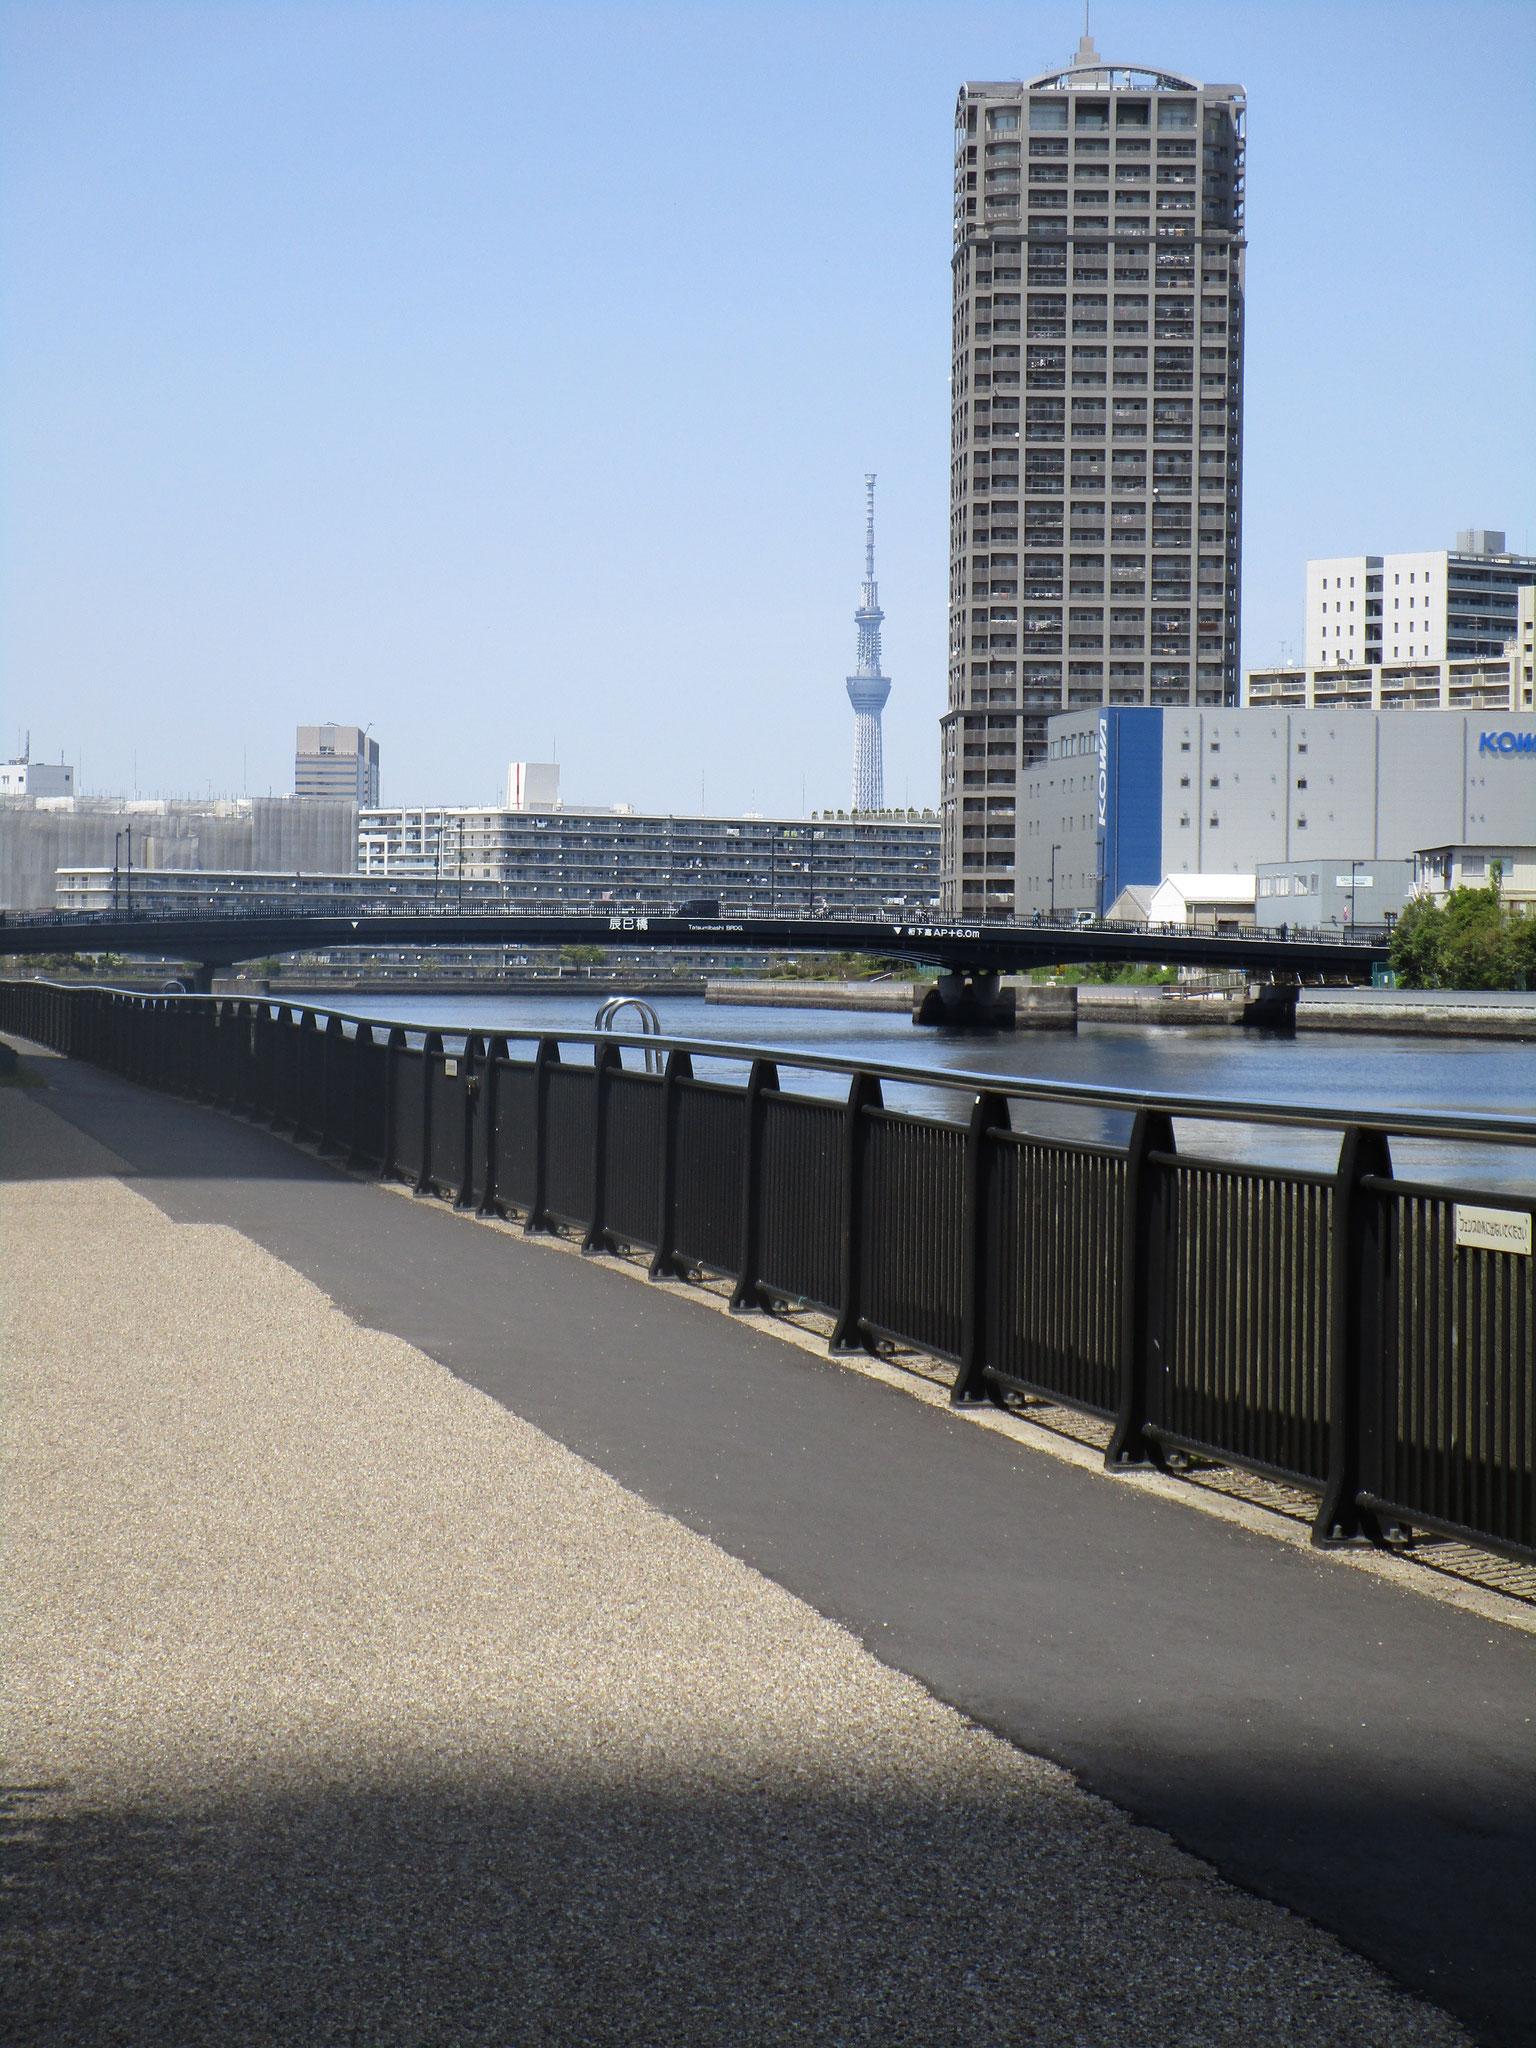 渡った先の運河沿いの道からはスカイツリーが見えます